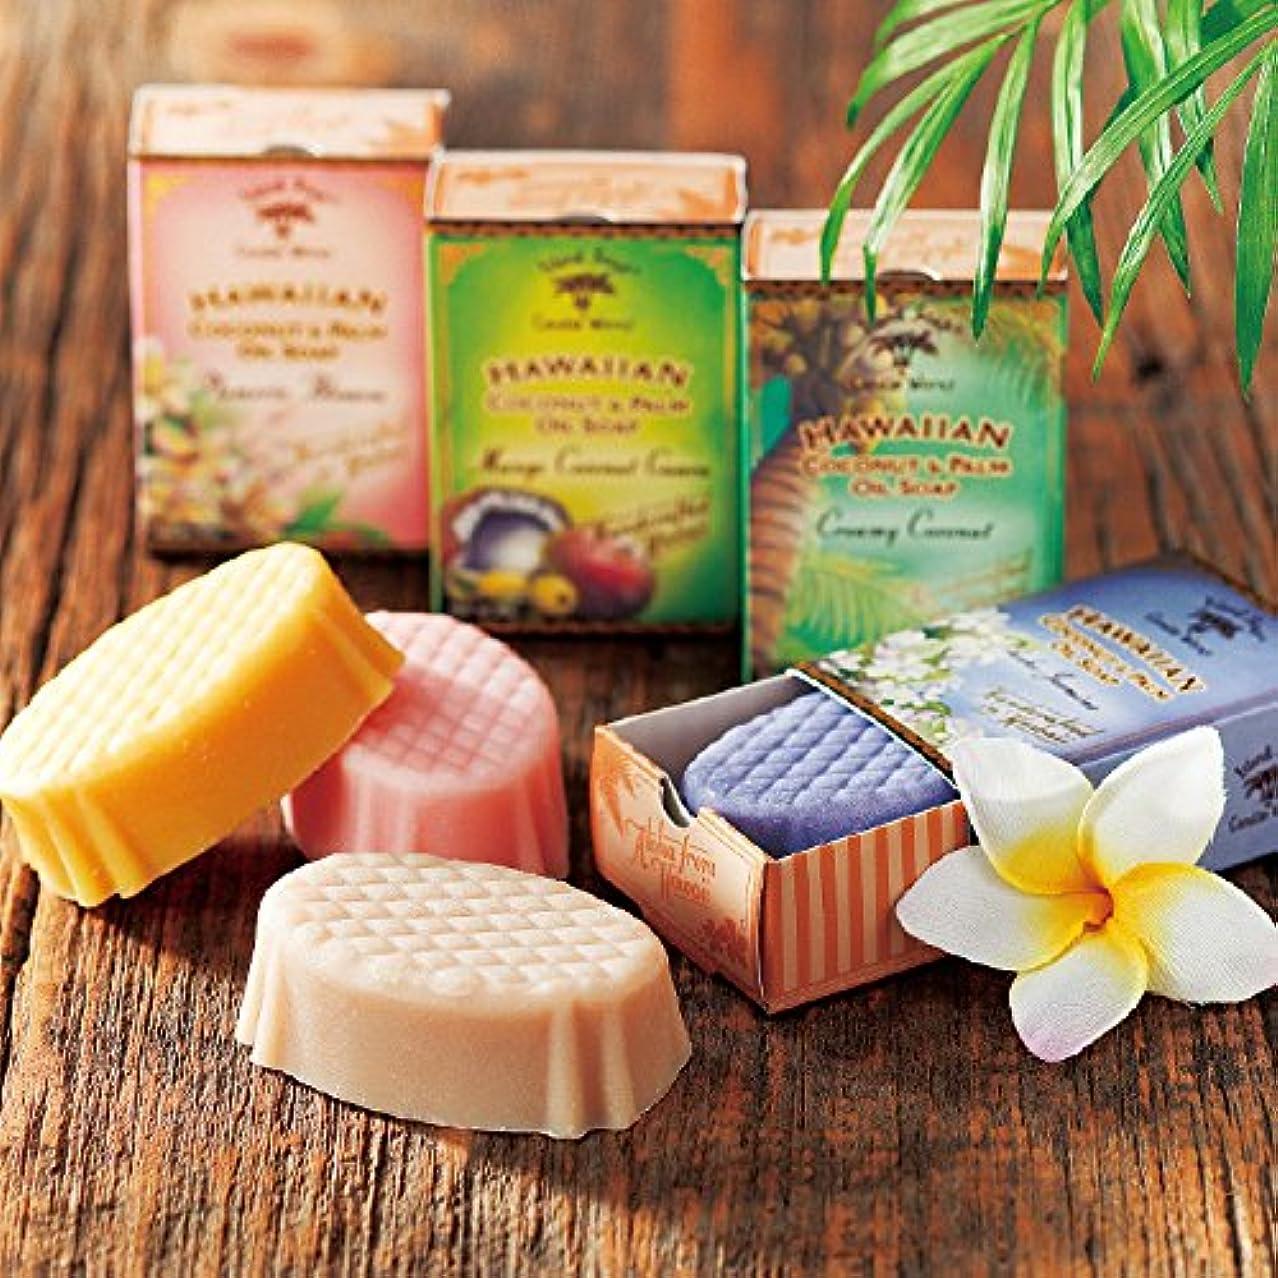 援助するゆり汗[ハワイお土産] アイランドソープ ココナッツソープ 4種セット (海外 みやげ ハワイ 土産)